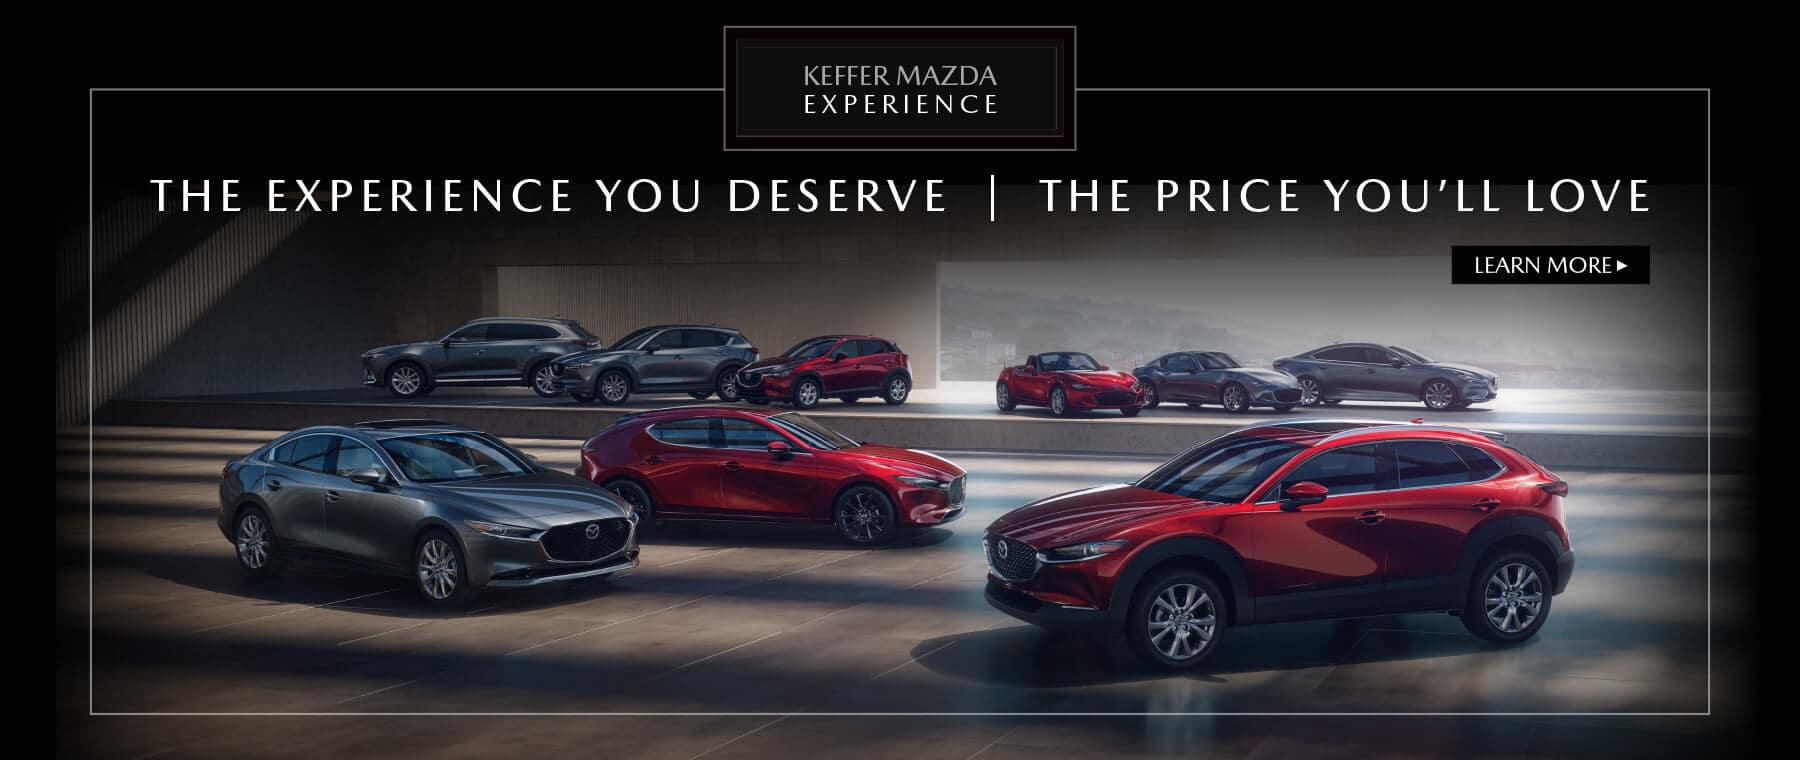 Keffer Mazda Experience - New